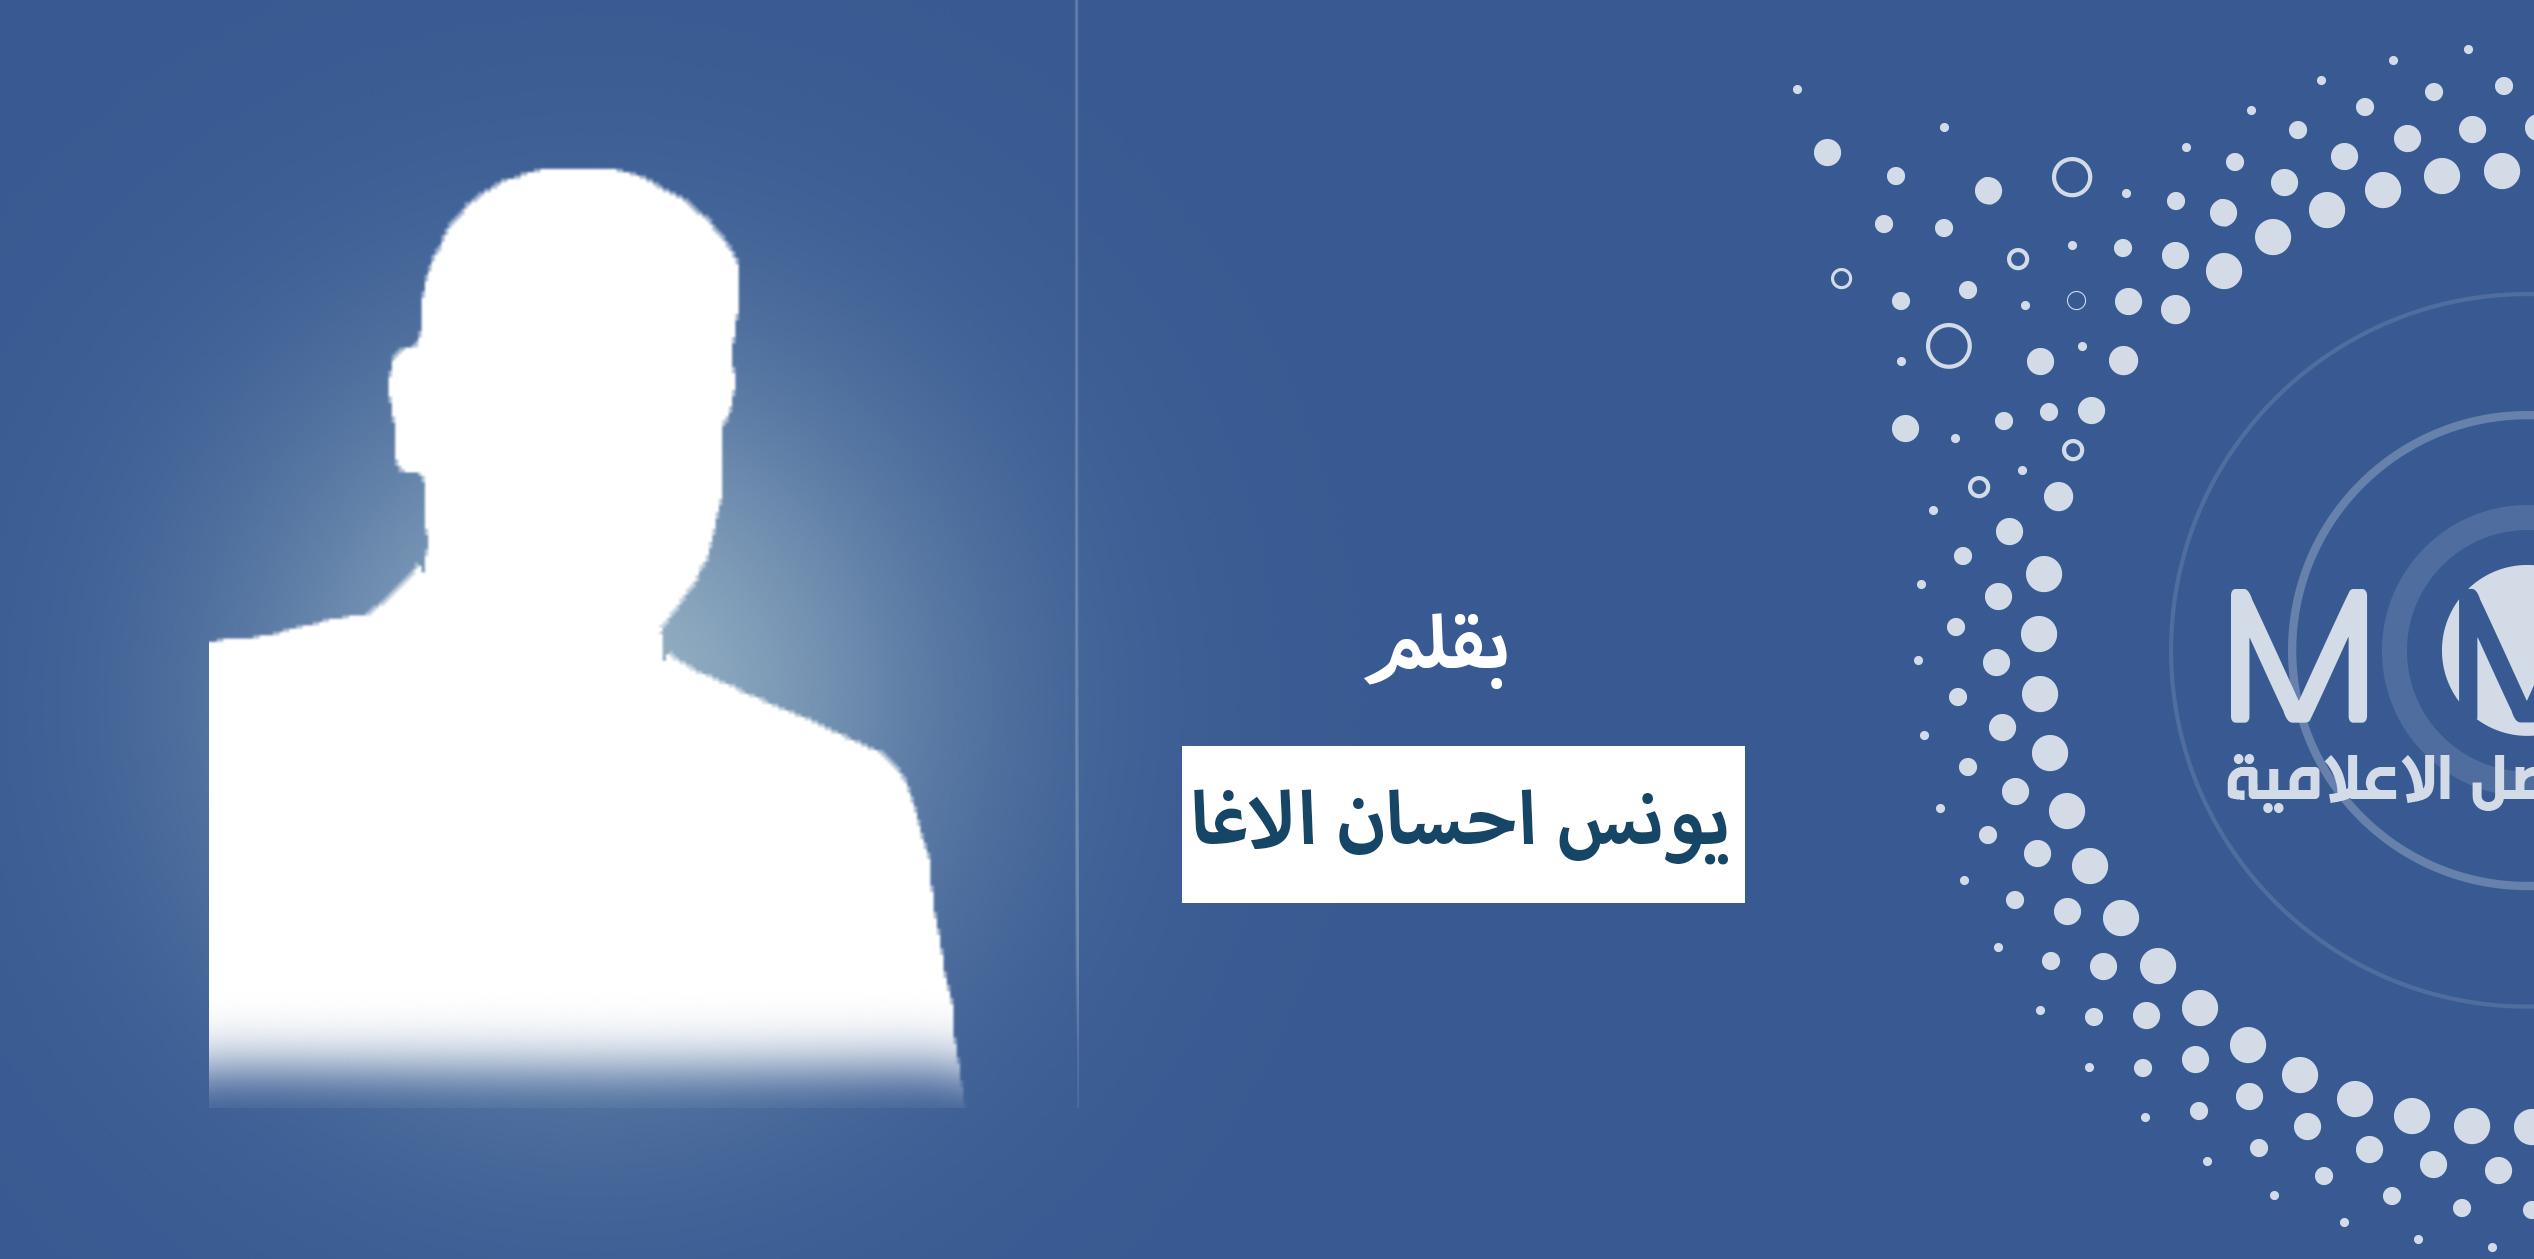 صورة جامعة الموصل الاسلامية